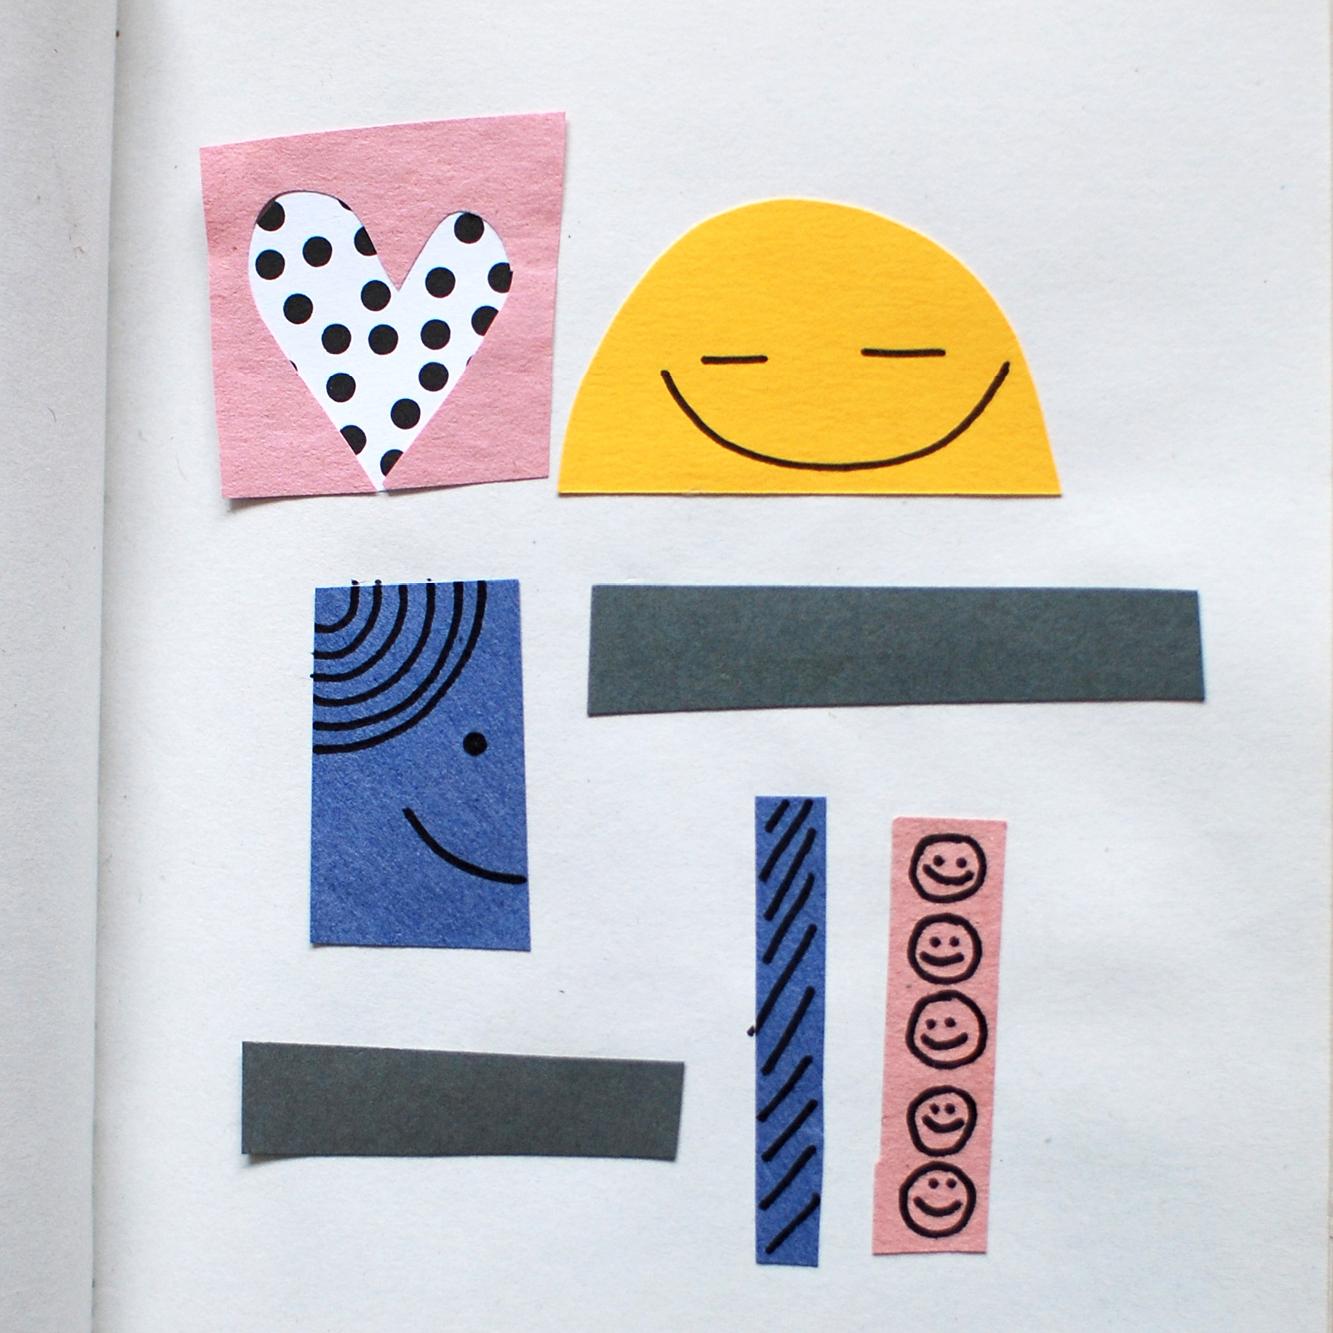 Sketchbook-1000x100039.jpg